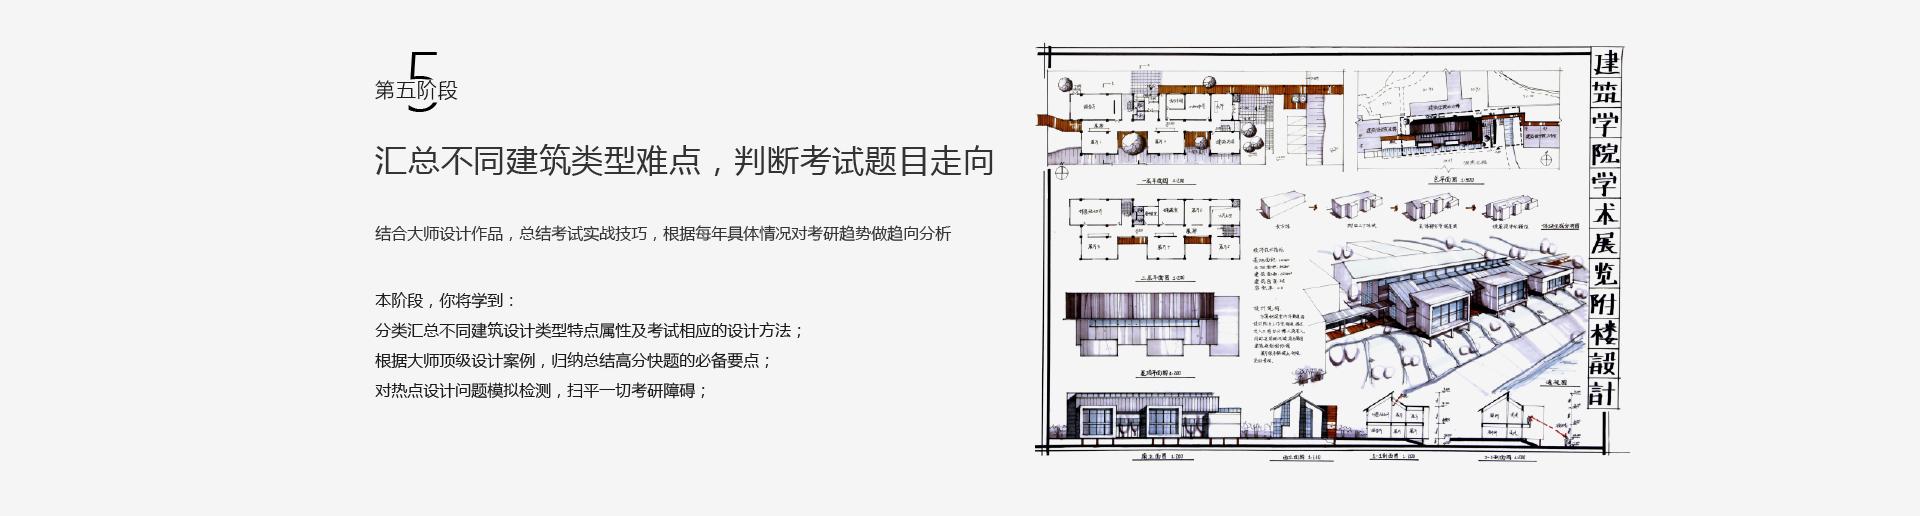 建筑快题_09.jpg